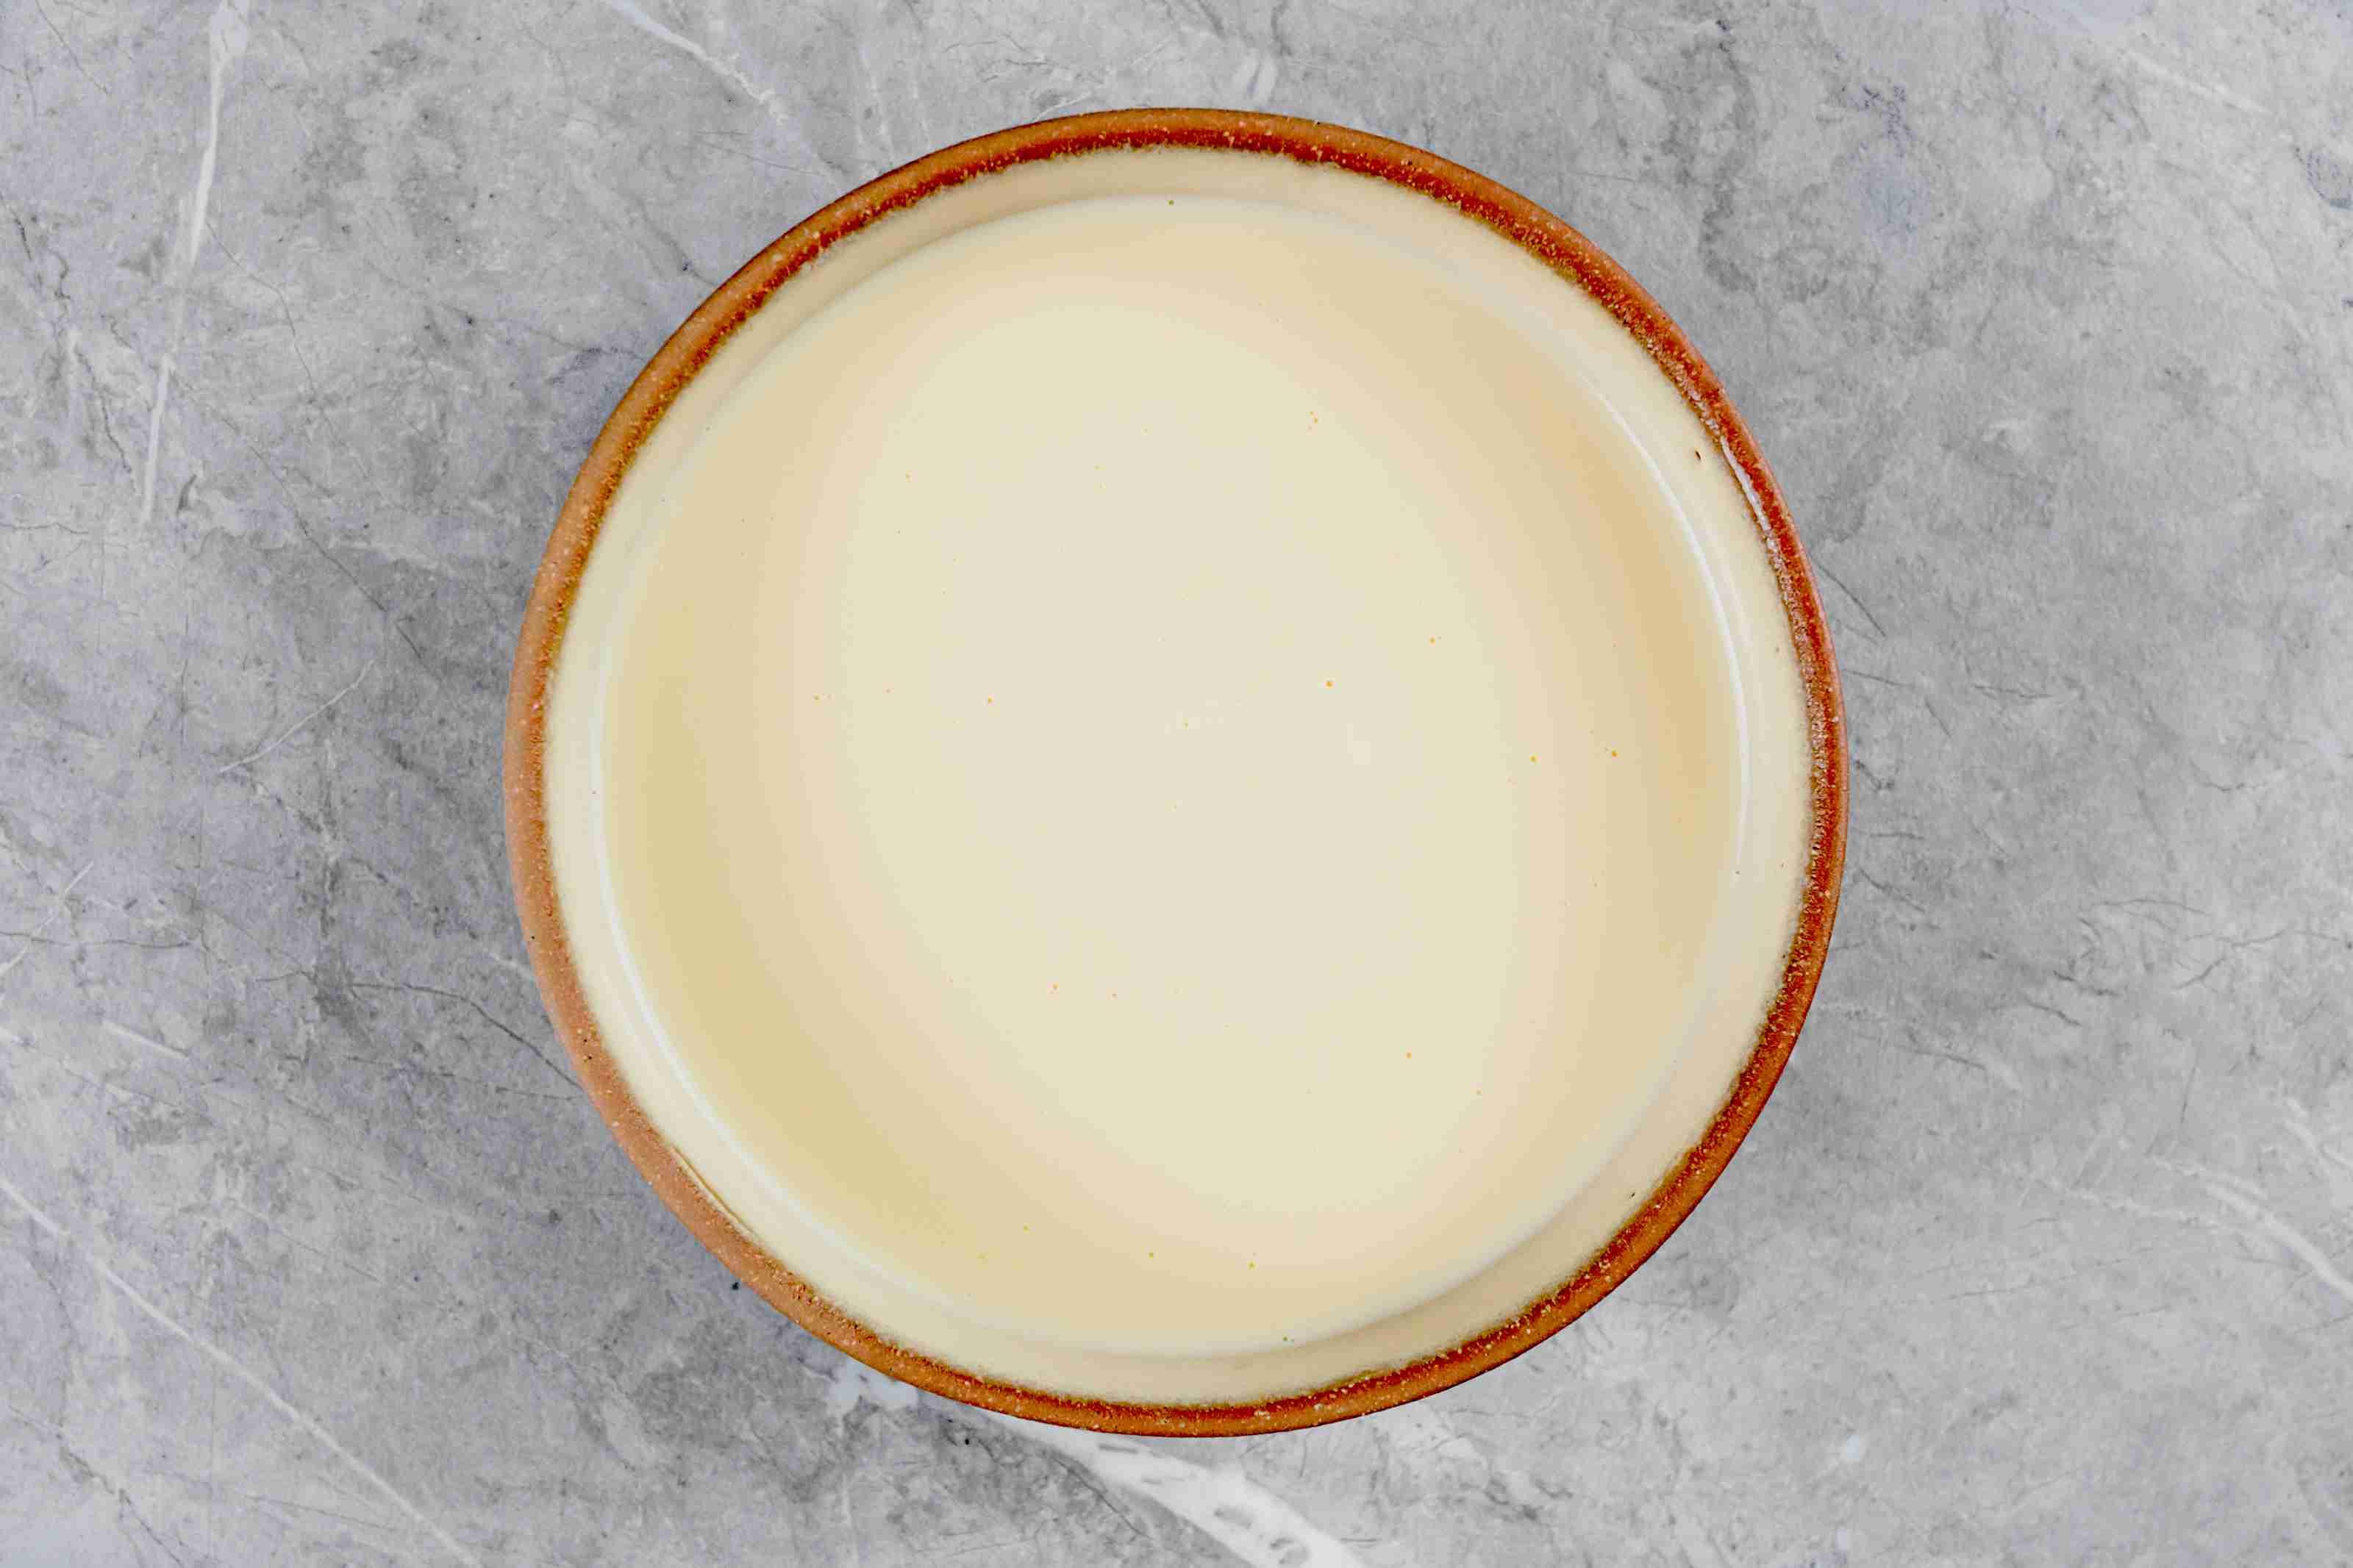 Whisk egg yolk and milk